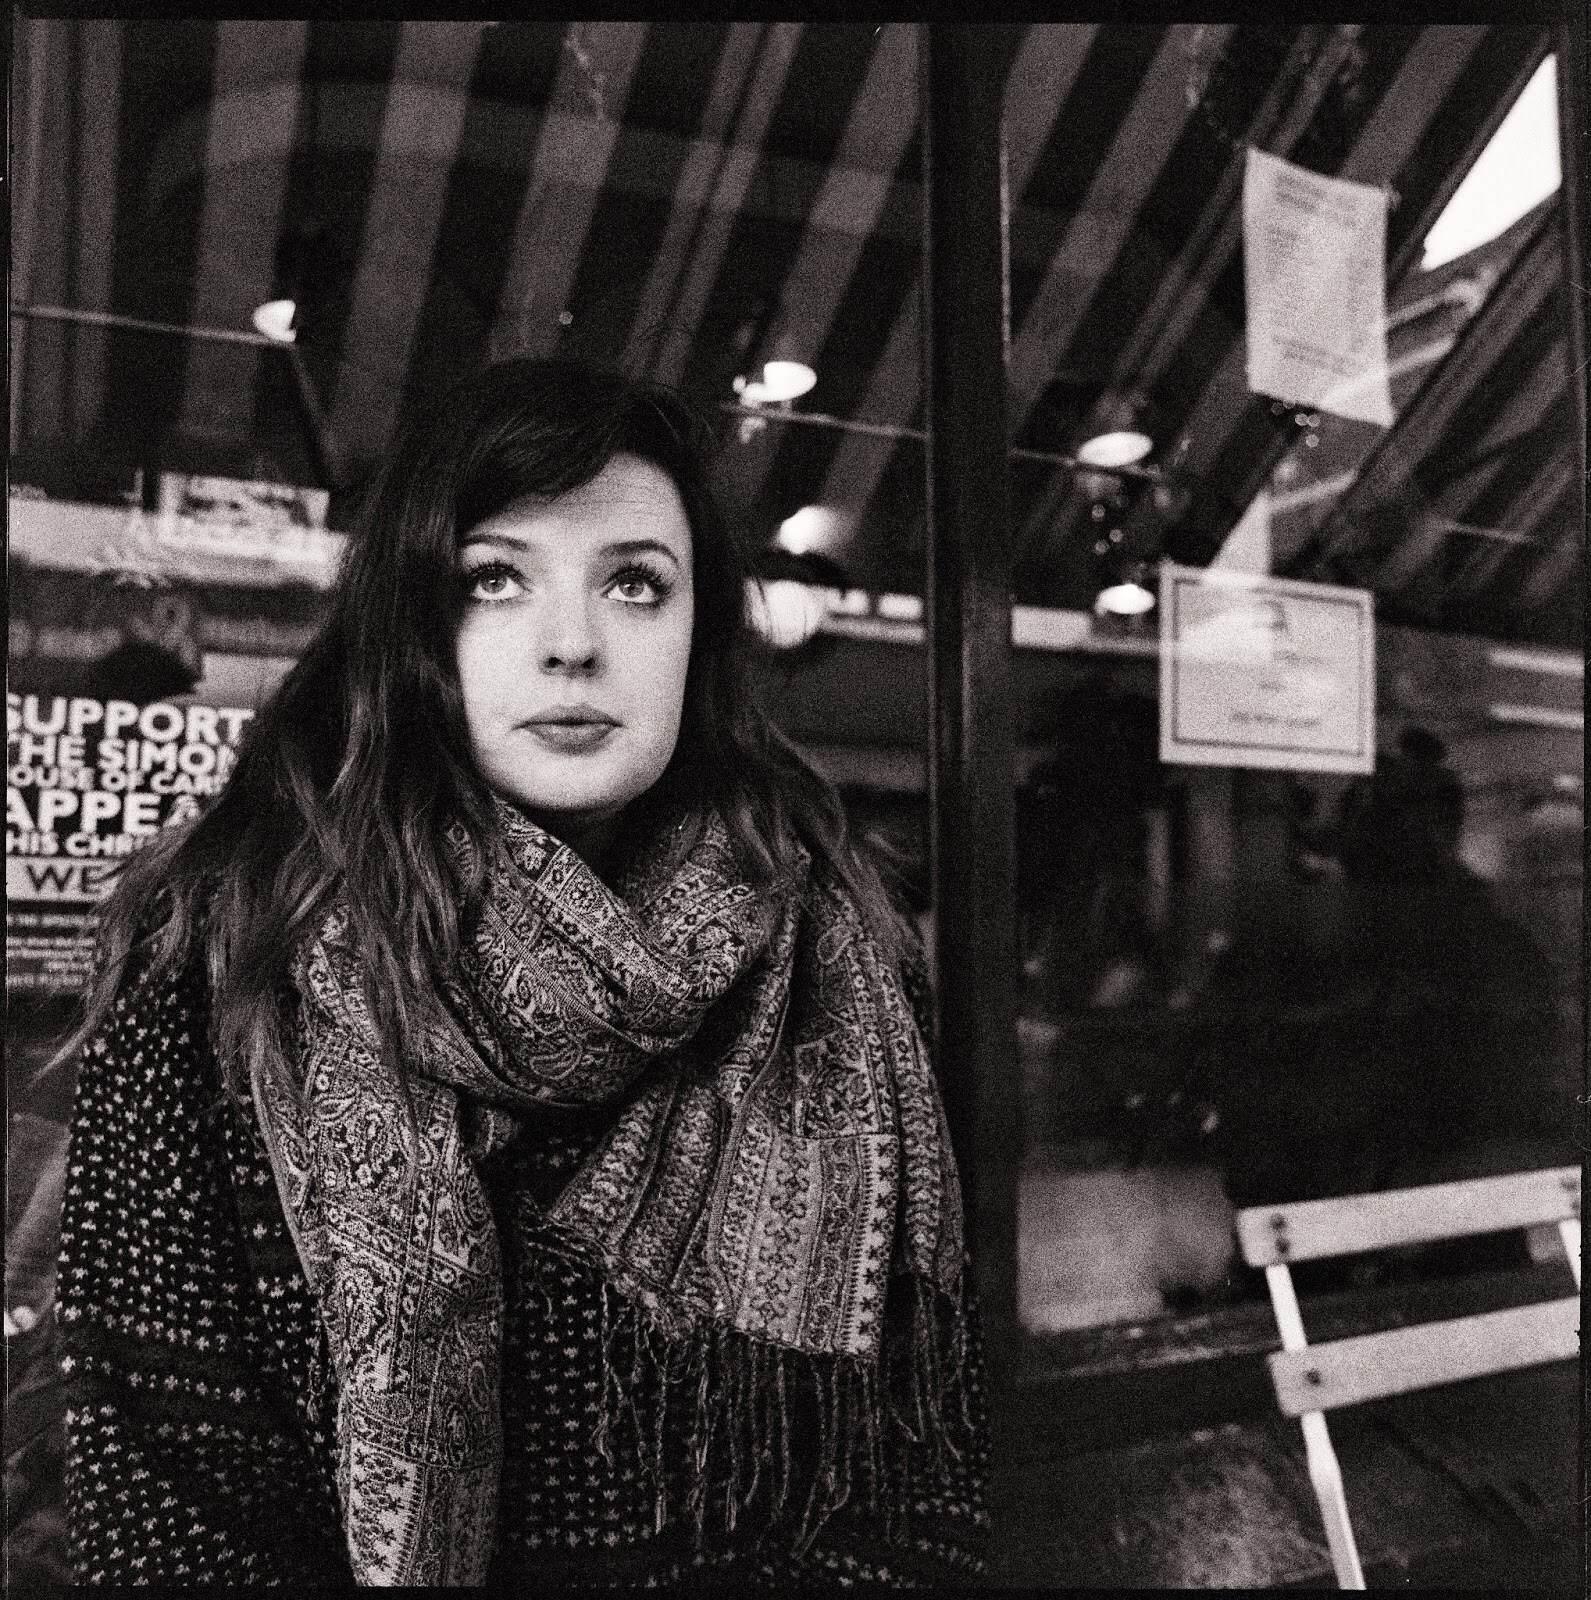 Sarah Maria Griffin